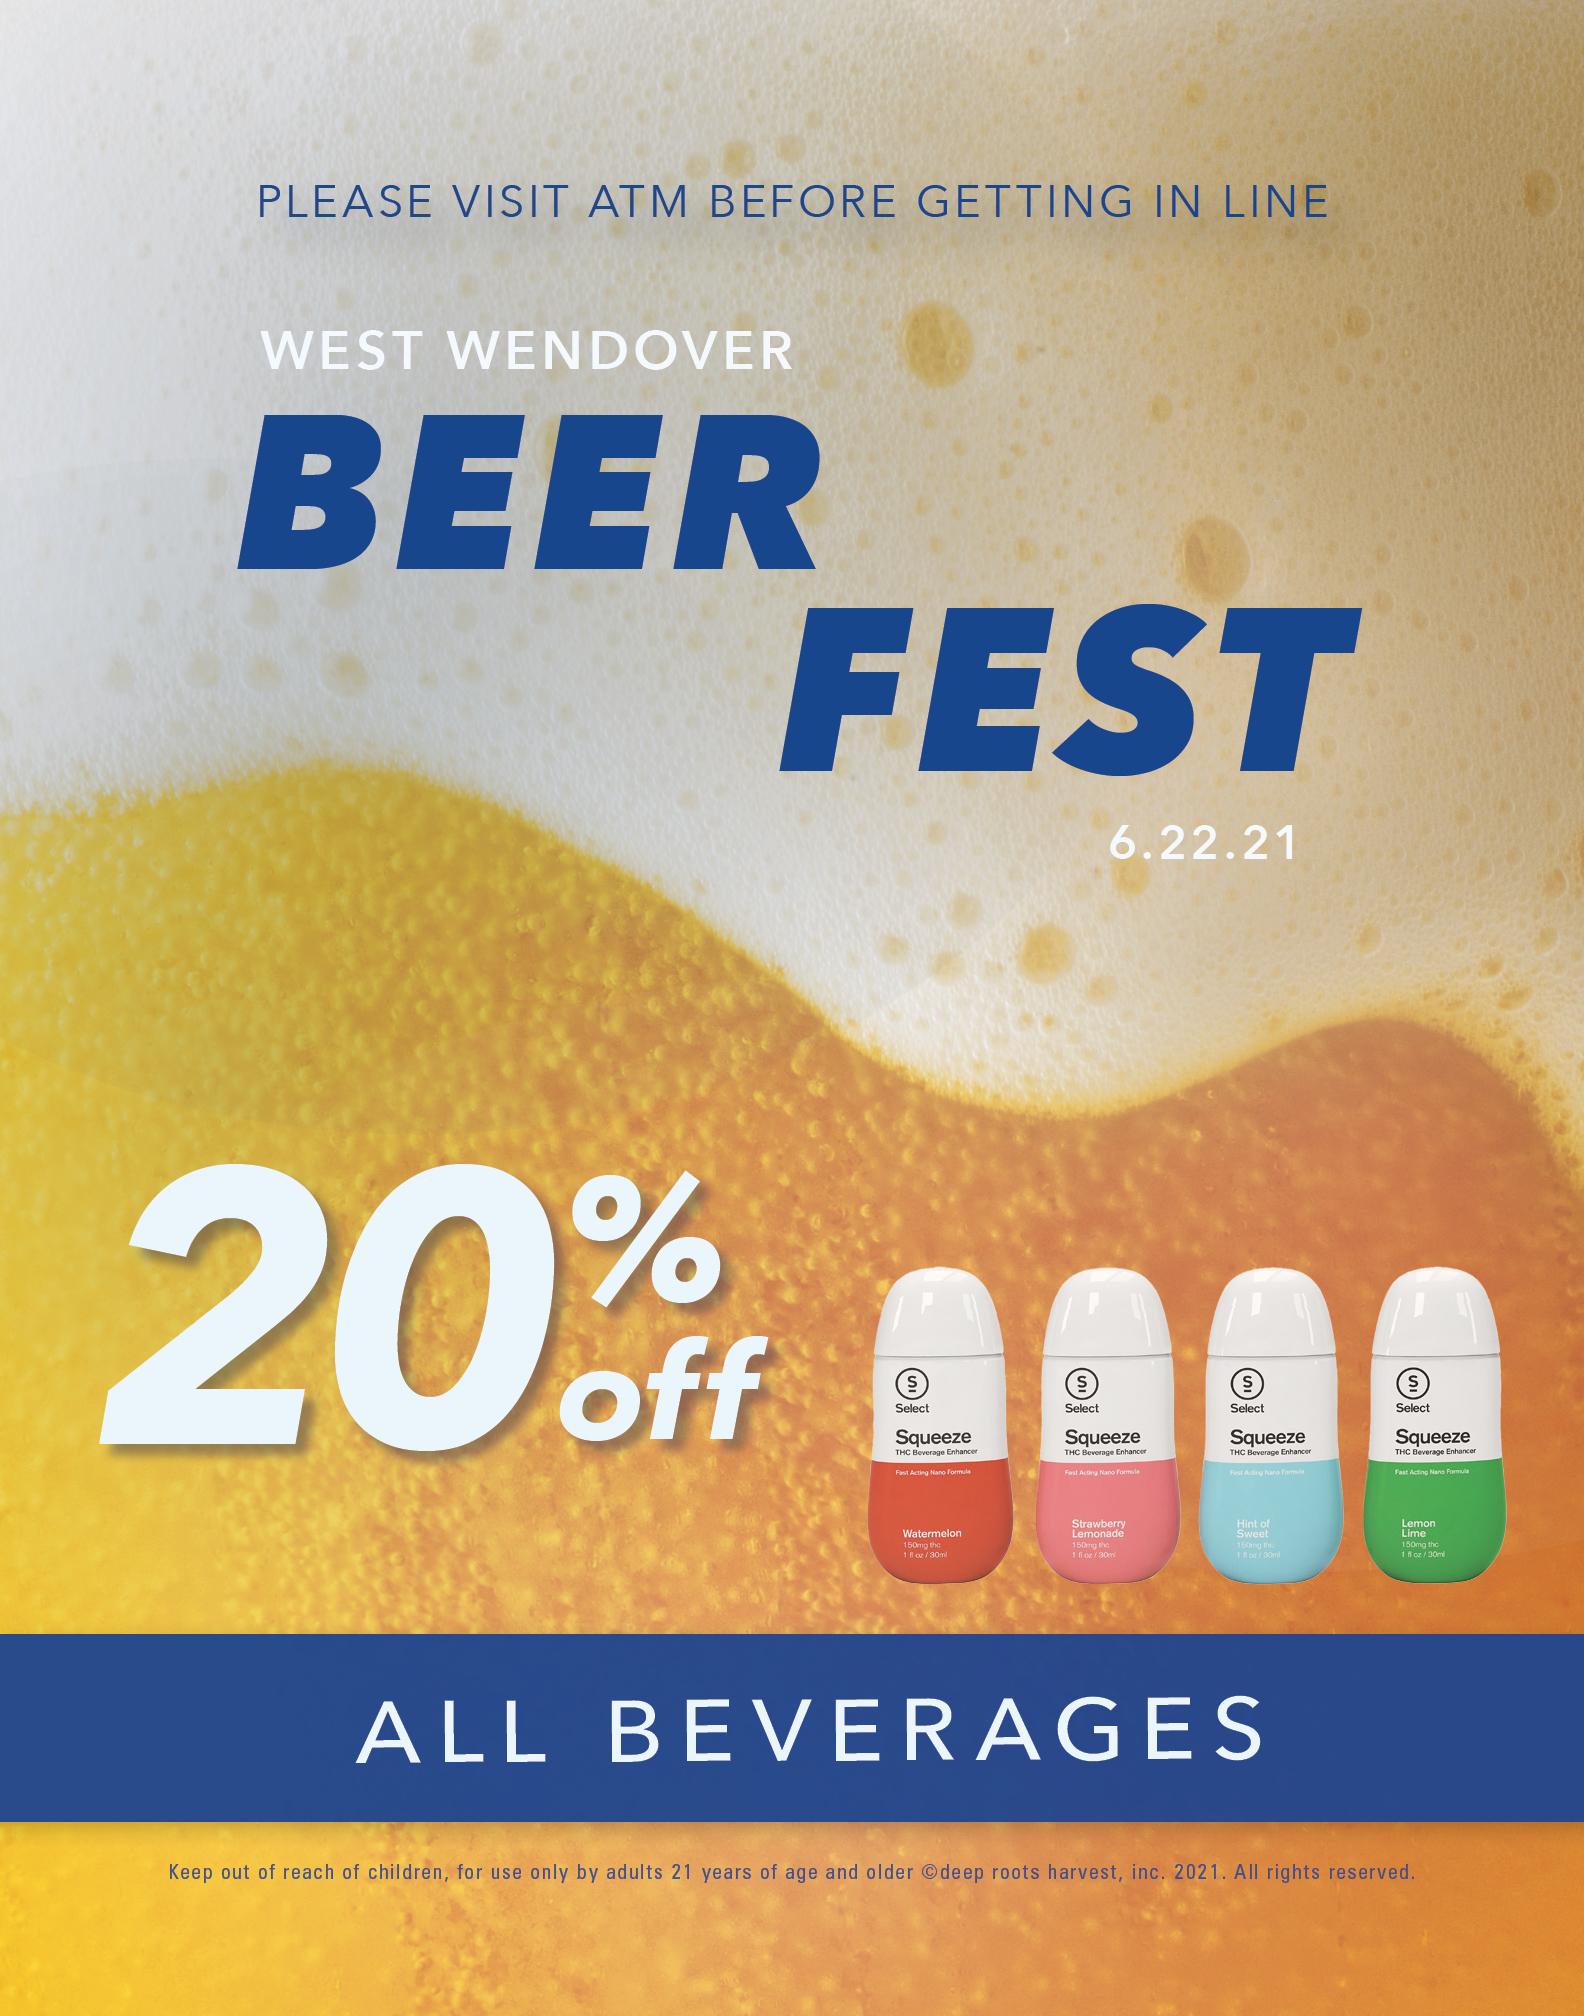 west wendover beer fest. 20% off all beverages. Deep roots harvest.